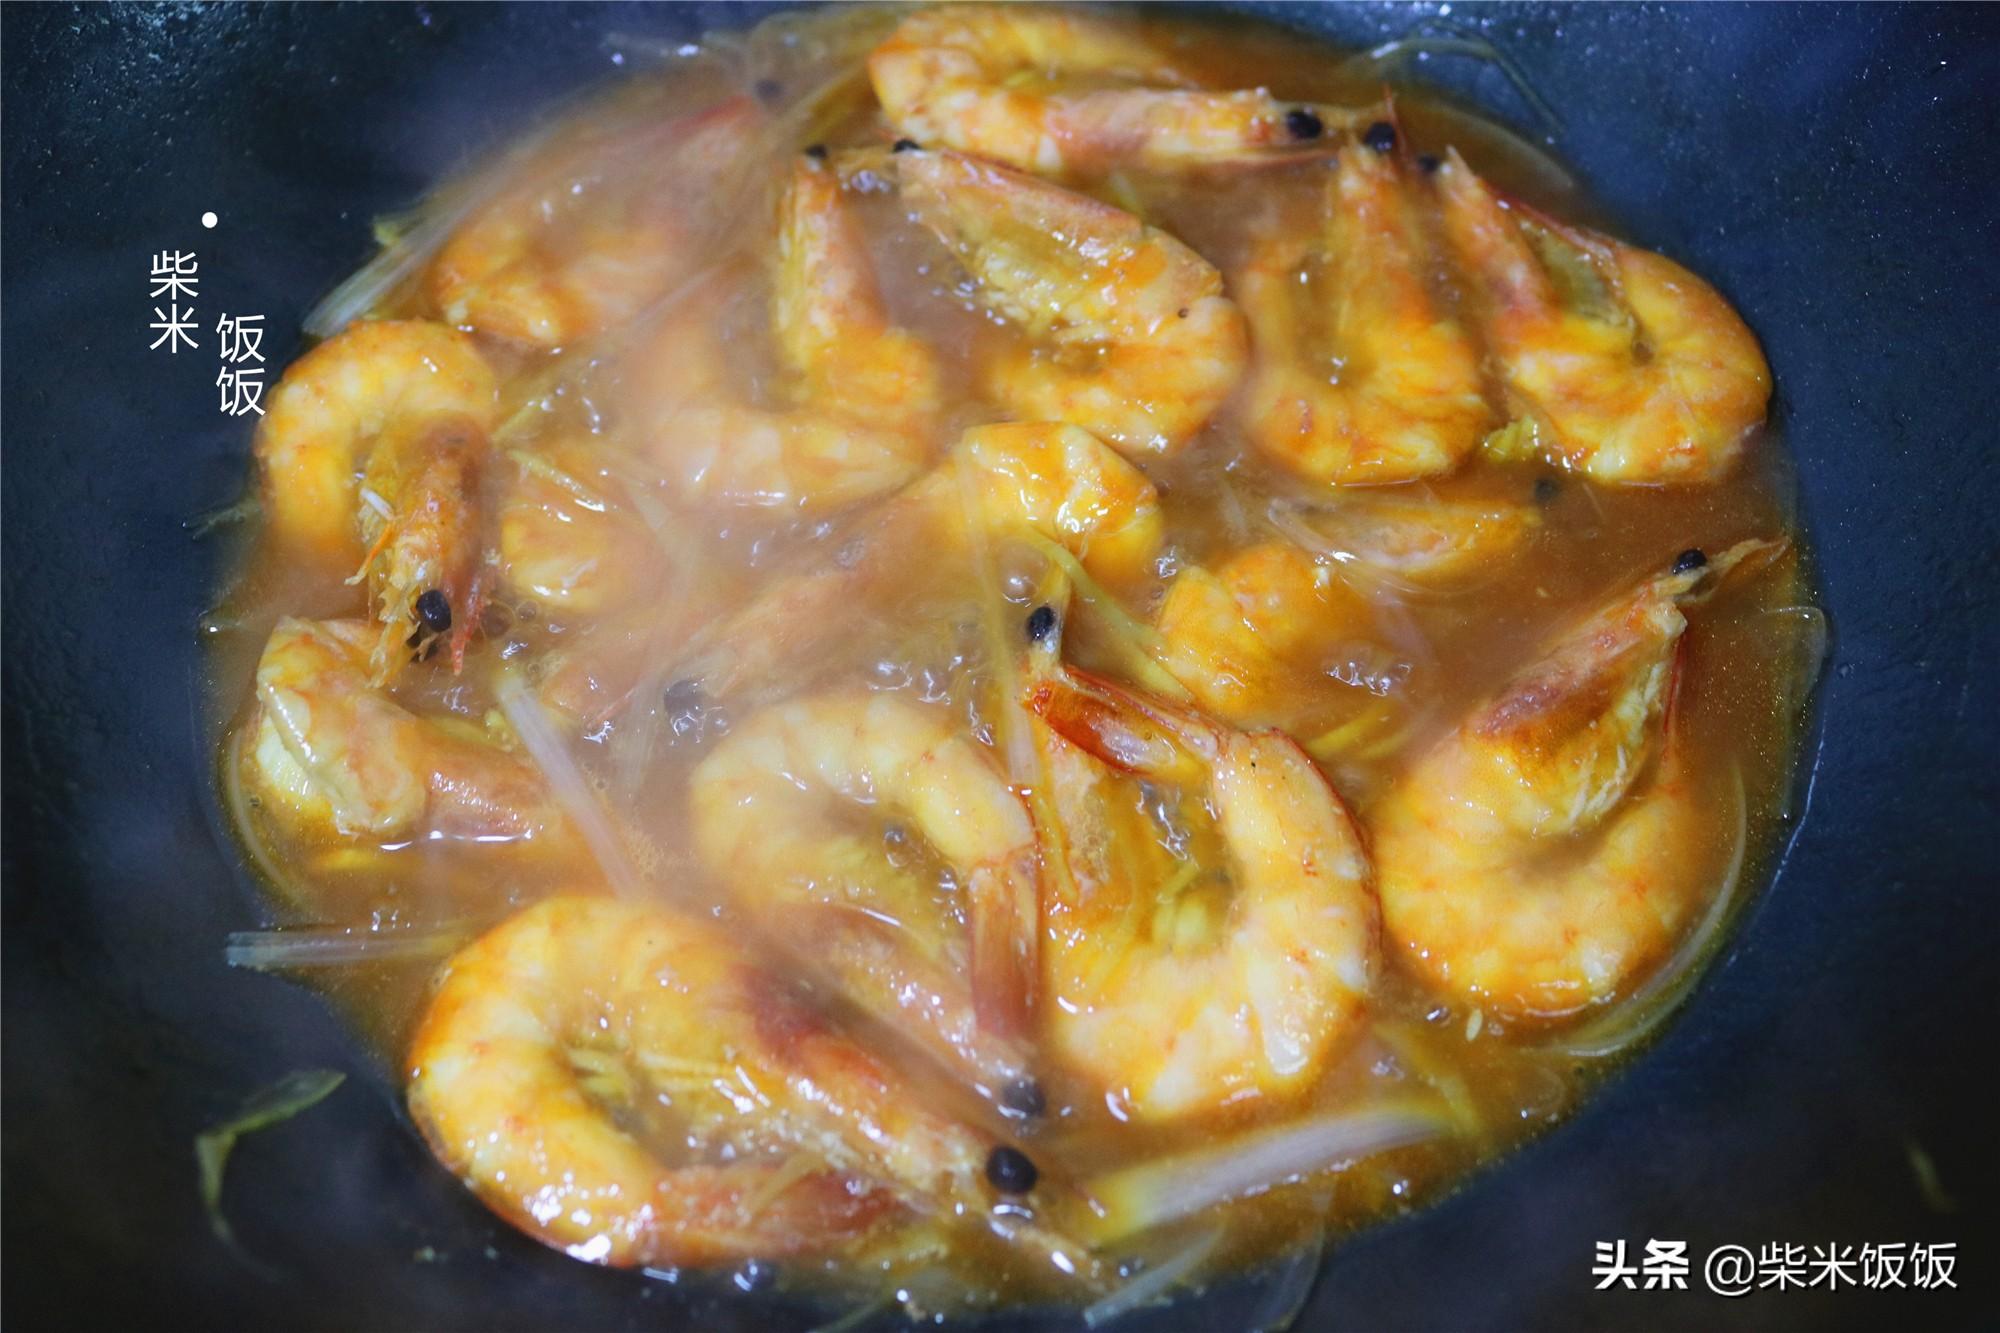 年夜飯油燜大蝦,這個做法特簡單,入味又多汁,好吃不腥